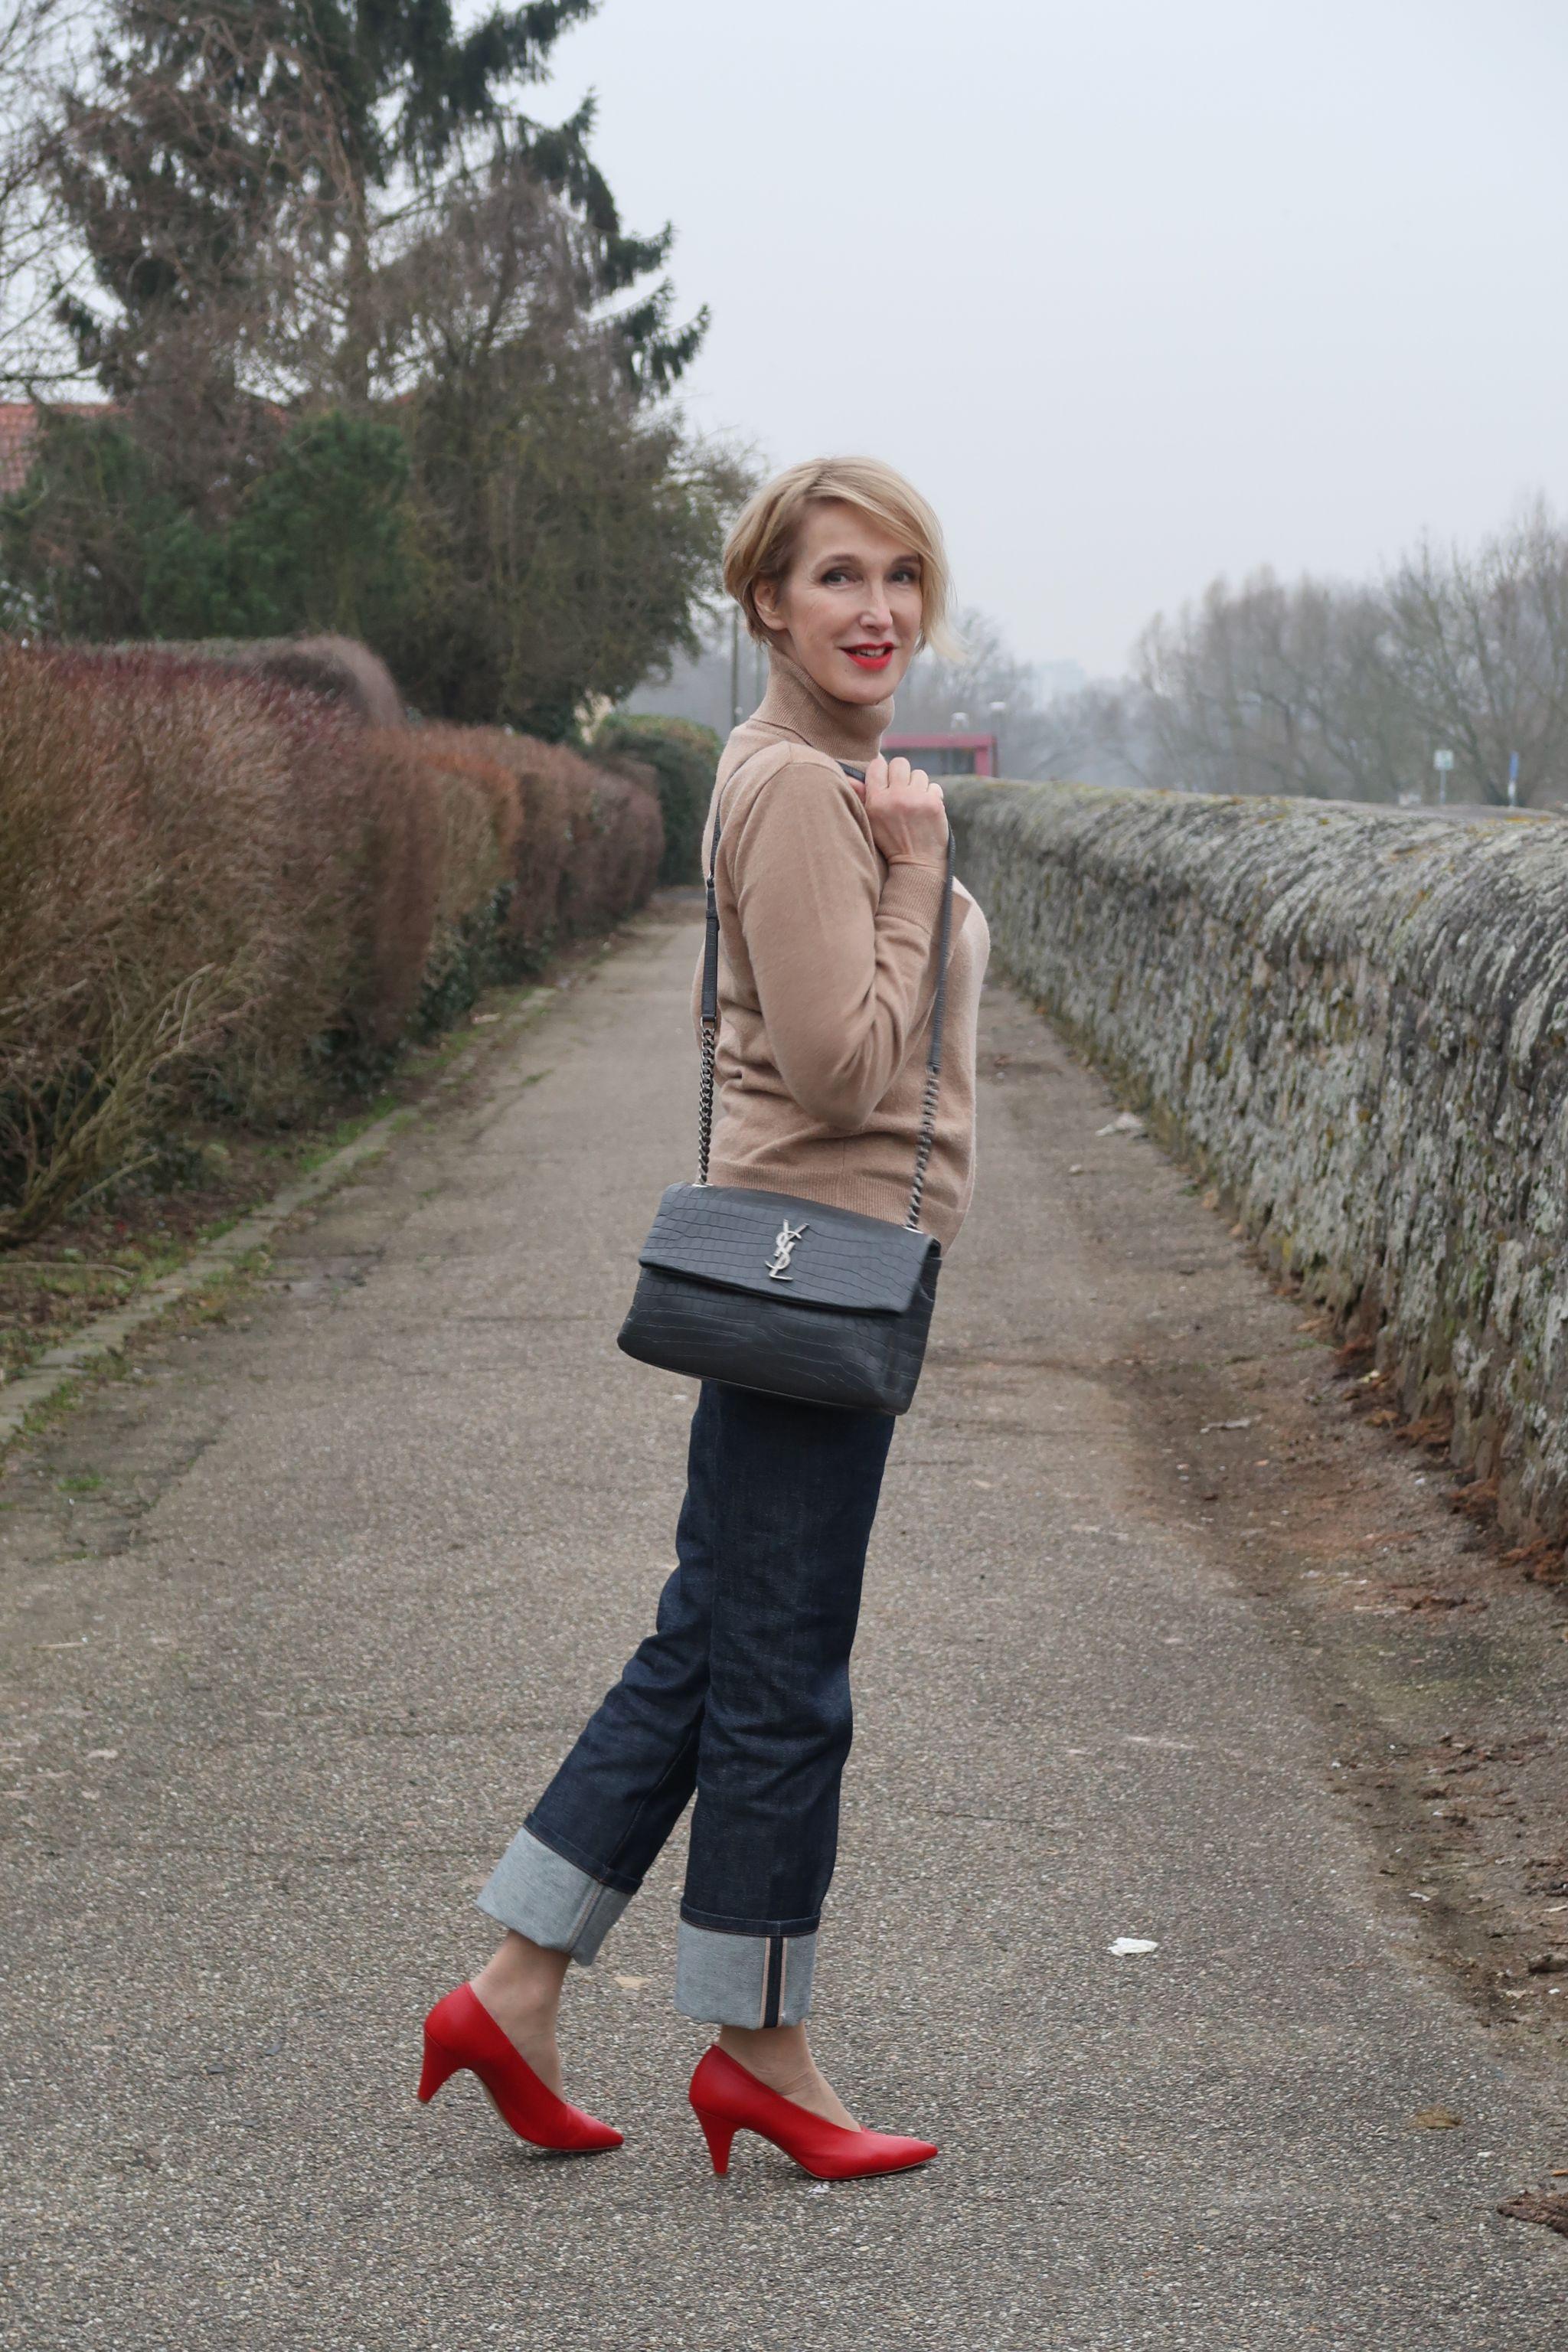 glamupyourlifestyle rollkragenpullover rote-Pumps Victoria-Beckham-Style Saint-Laurent-Tasche ue40-Mode ue40-Bloggerin